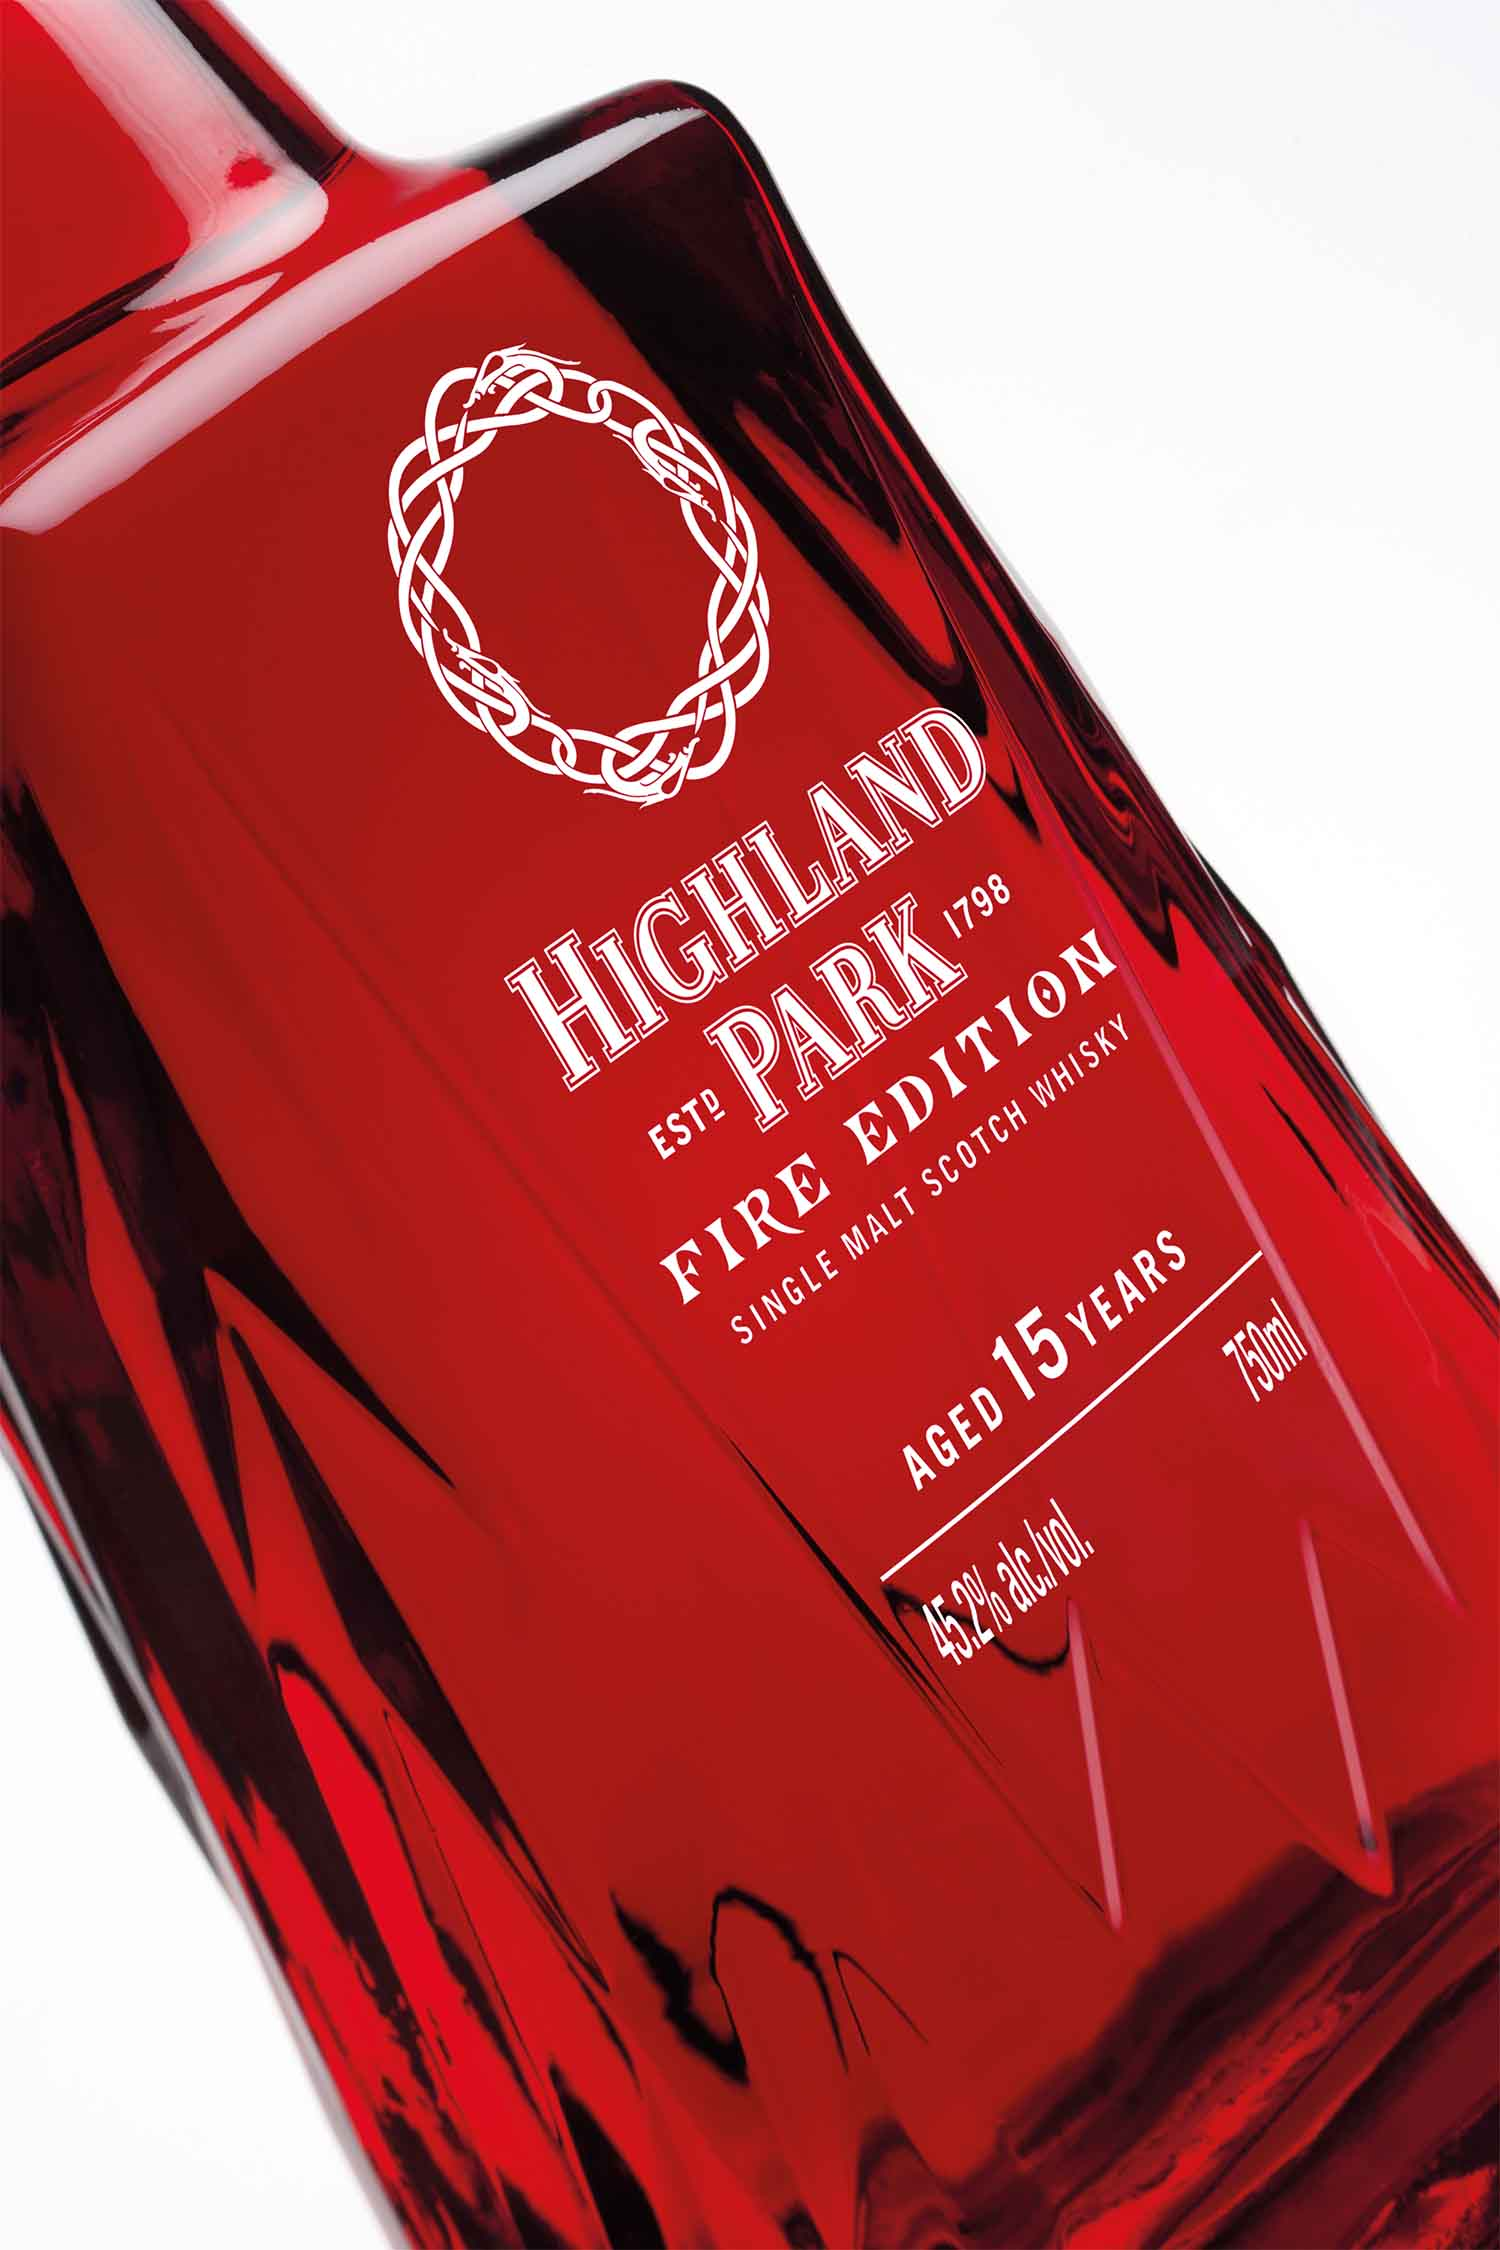 Mountain_Agency_Glasgow_Highland Park_Fire_003.jpg